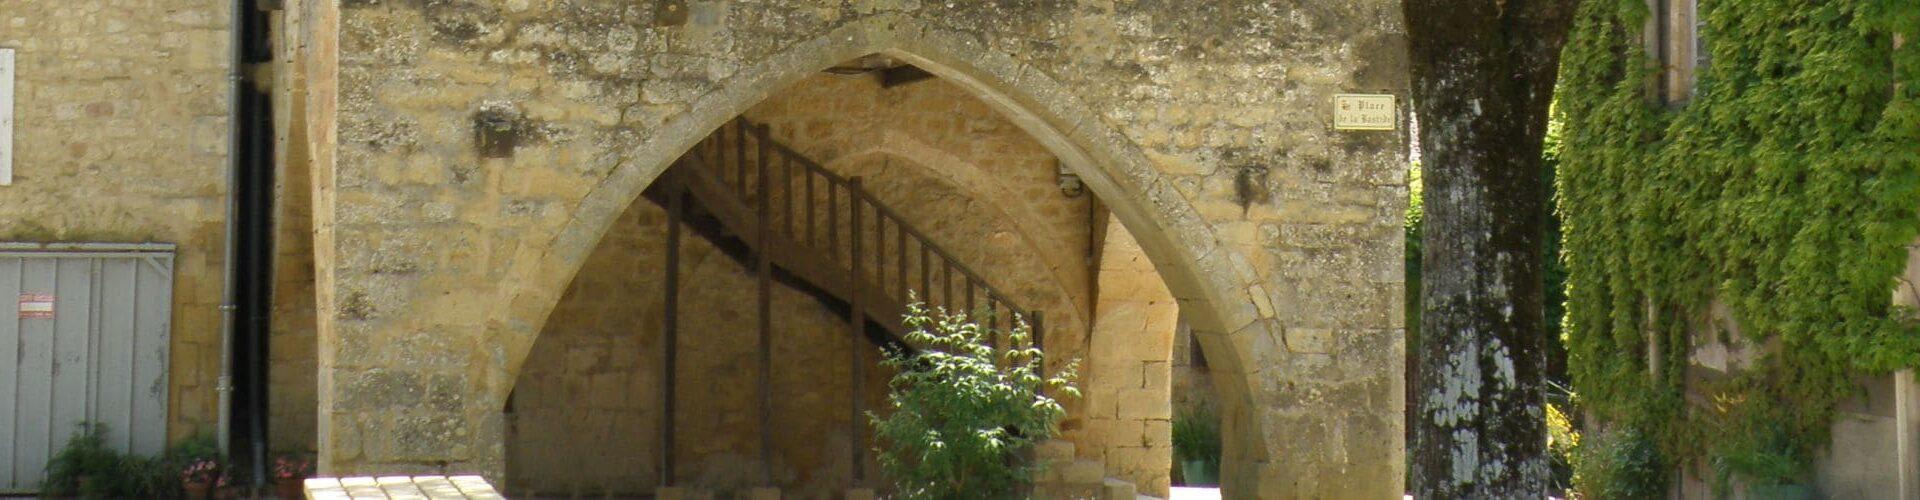 Molières - Porche - Maison du Bailly